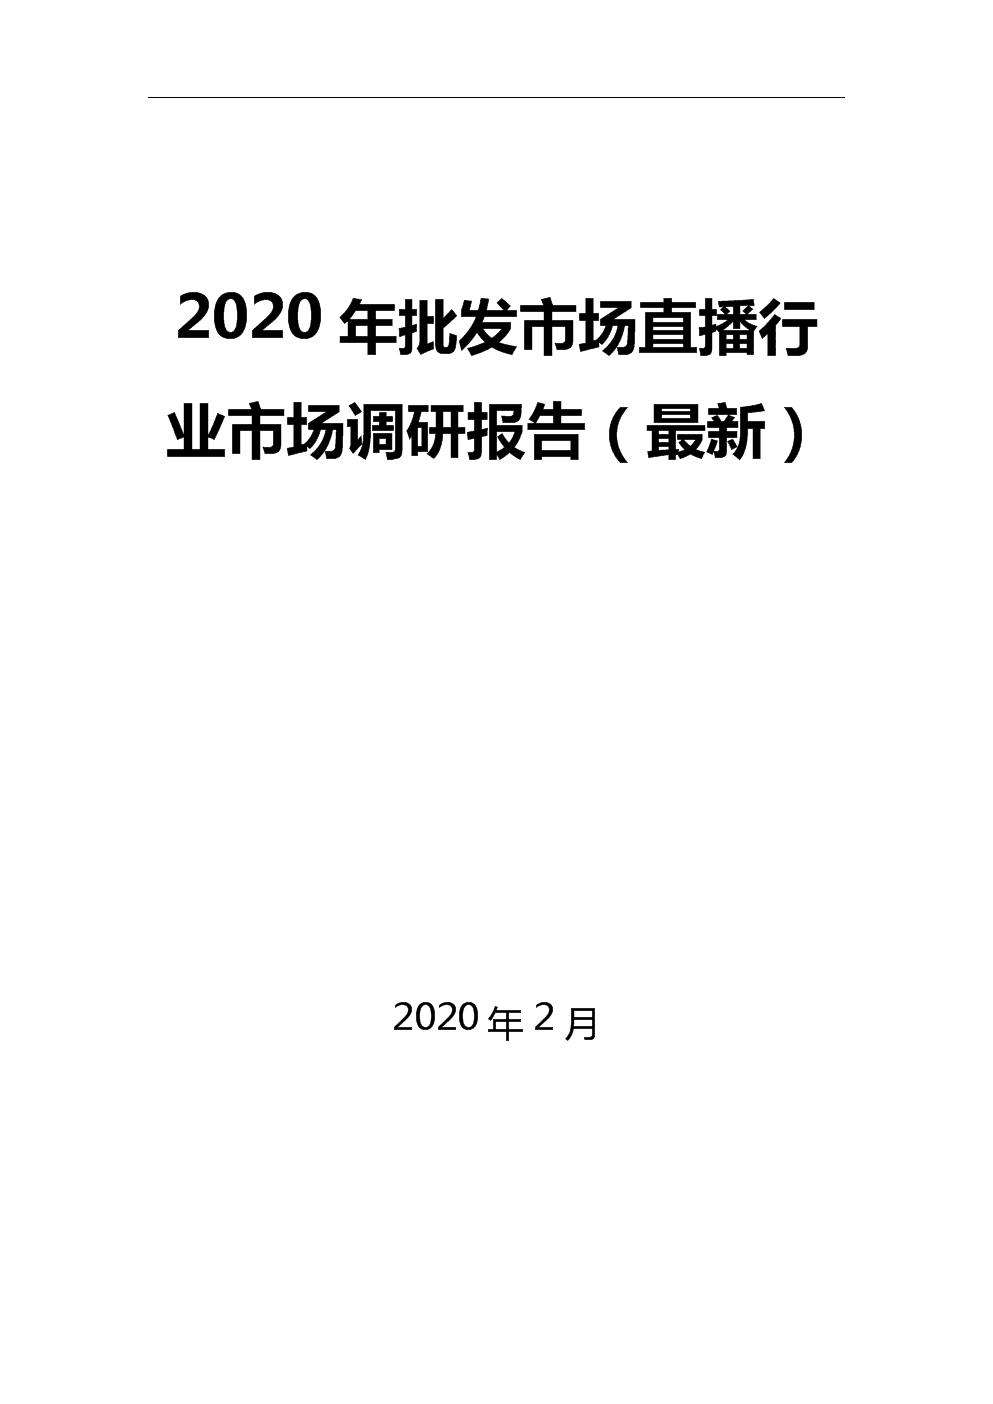 2020年批发市场电商行业市场调研报告(最新).docx